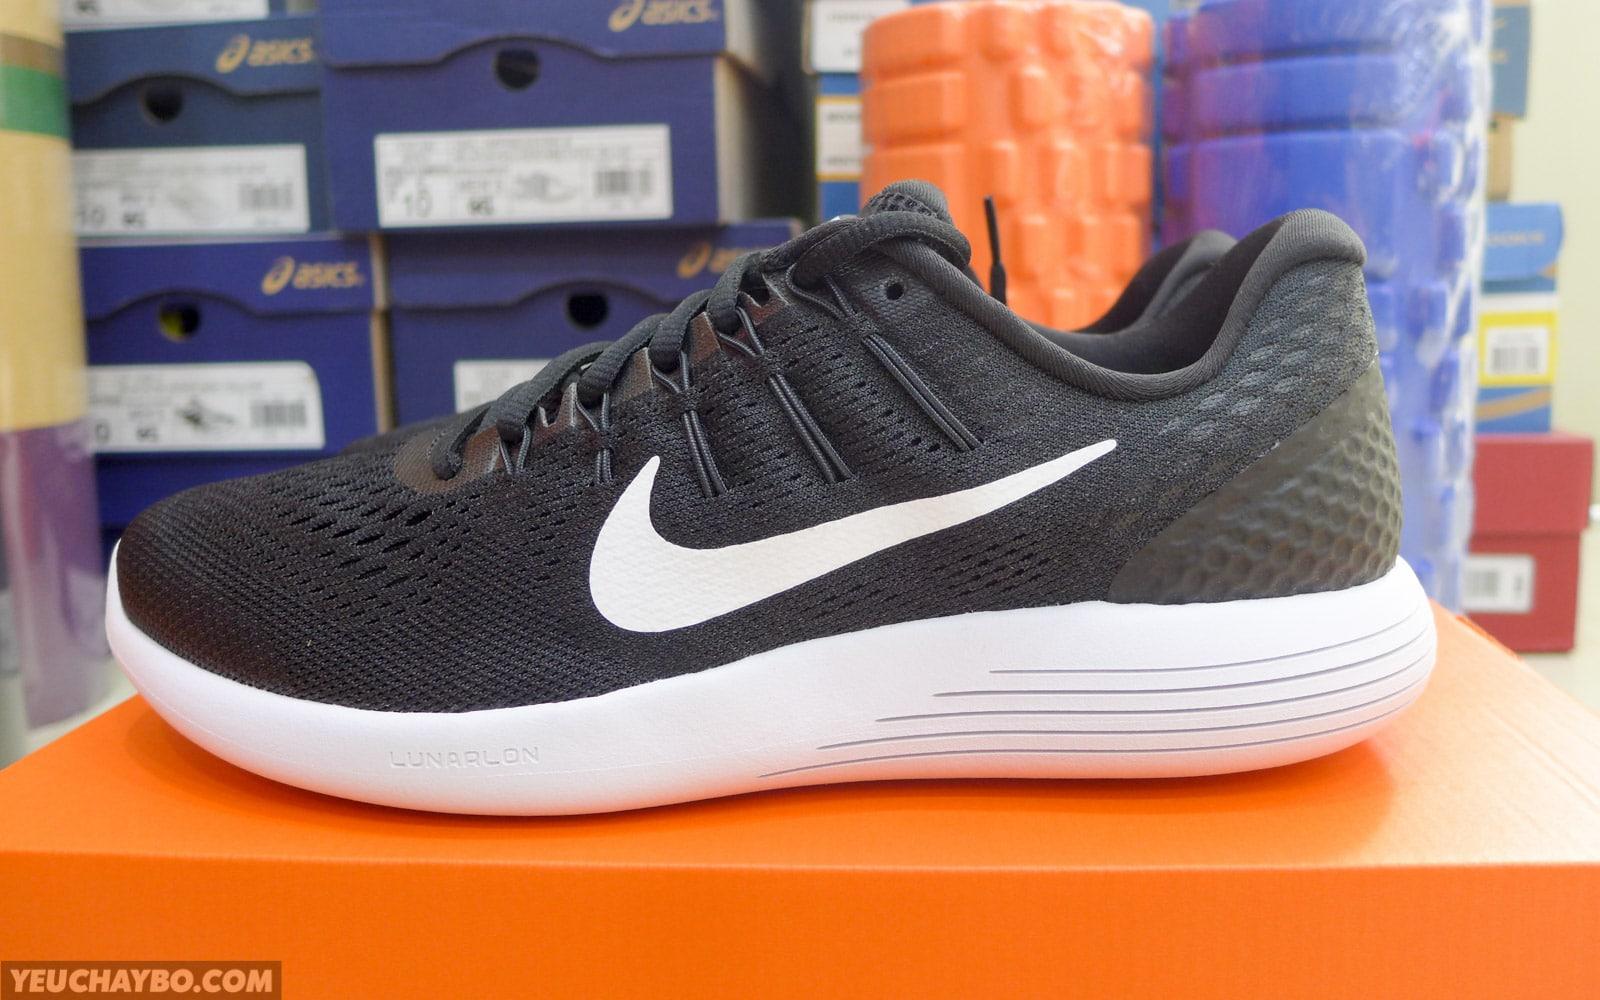 6055a1a84008 Trên chân Nike LunarGlide 8 -  Phần 1  Gọn gàng hơn